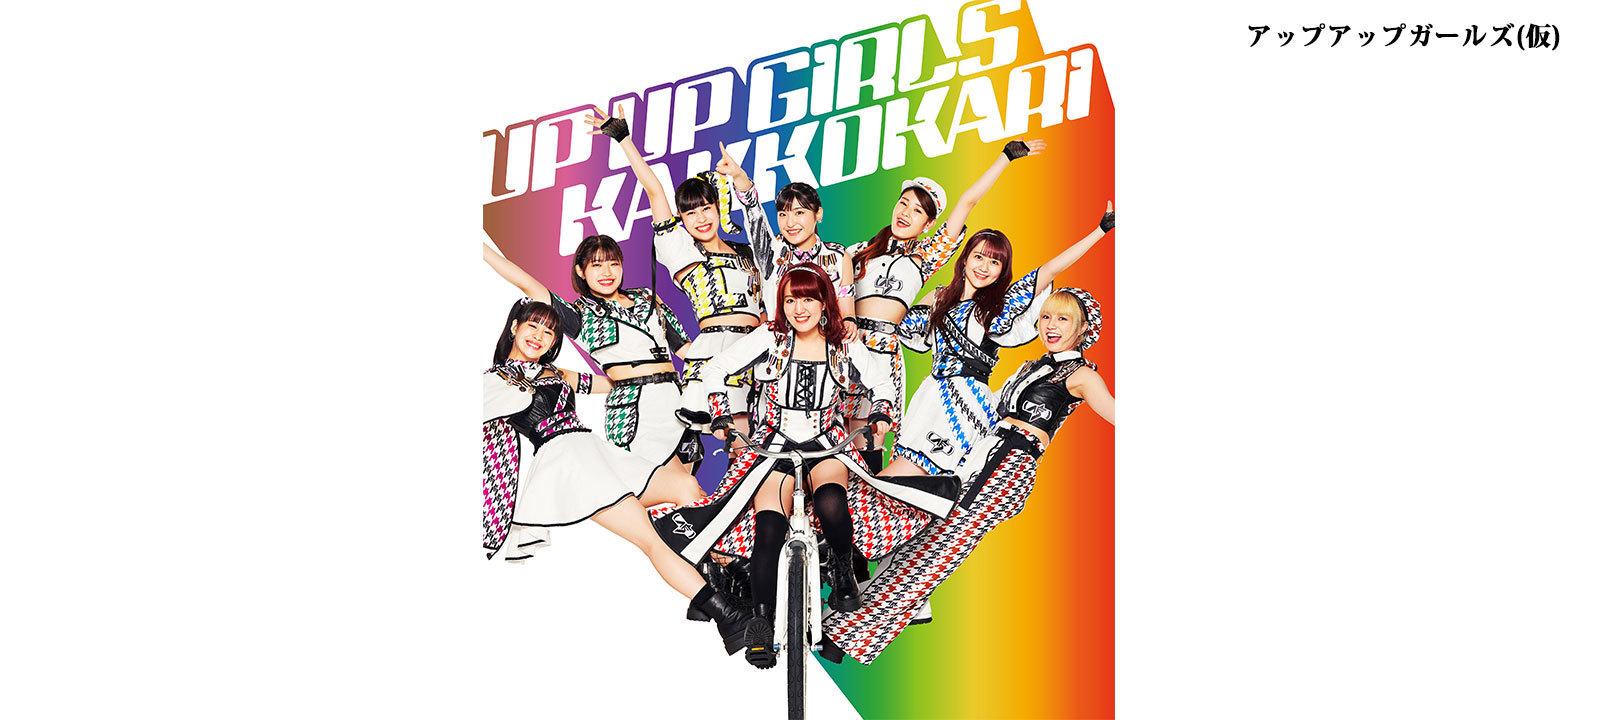 TOP [2021.07.17:アップアップガールズ(仮)]